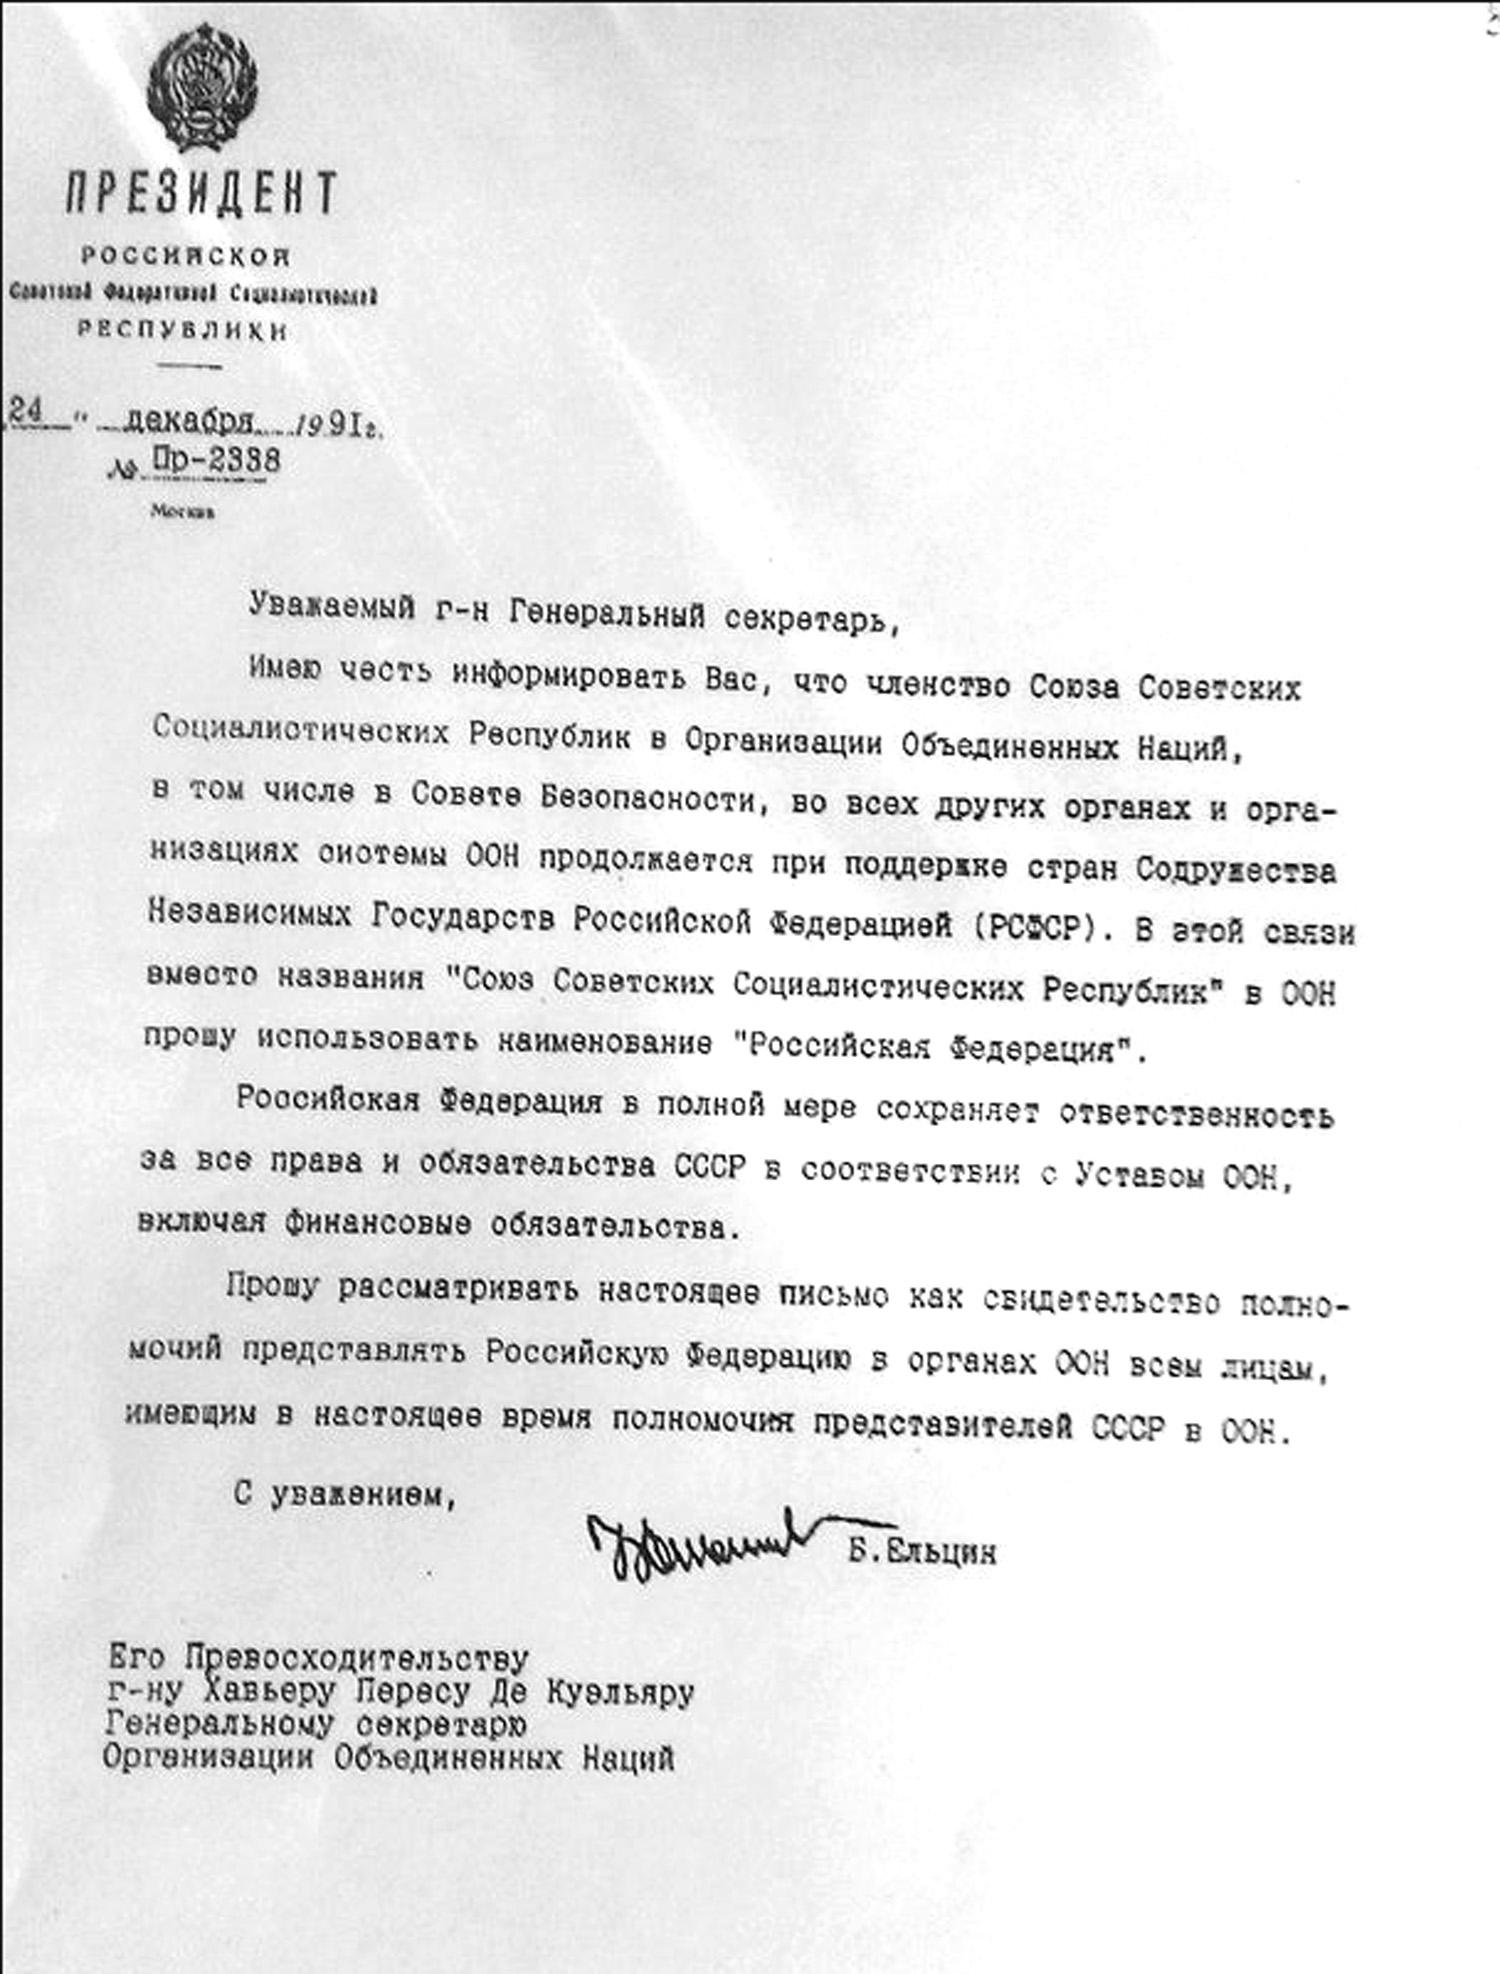 письмо Ельцина в ООН 24 декабря 1991